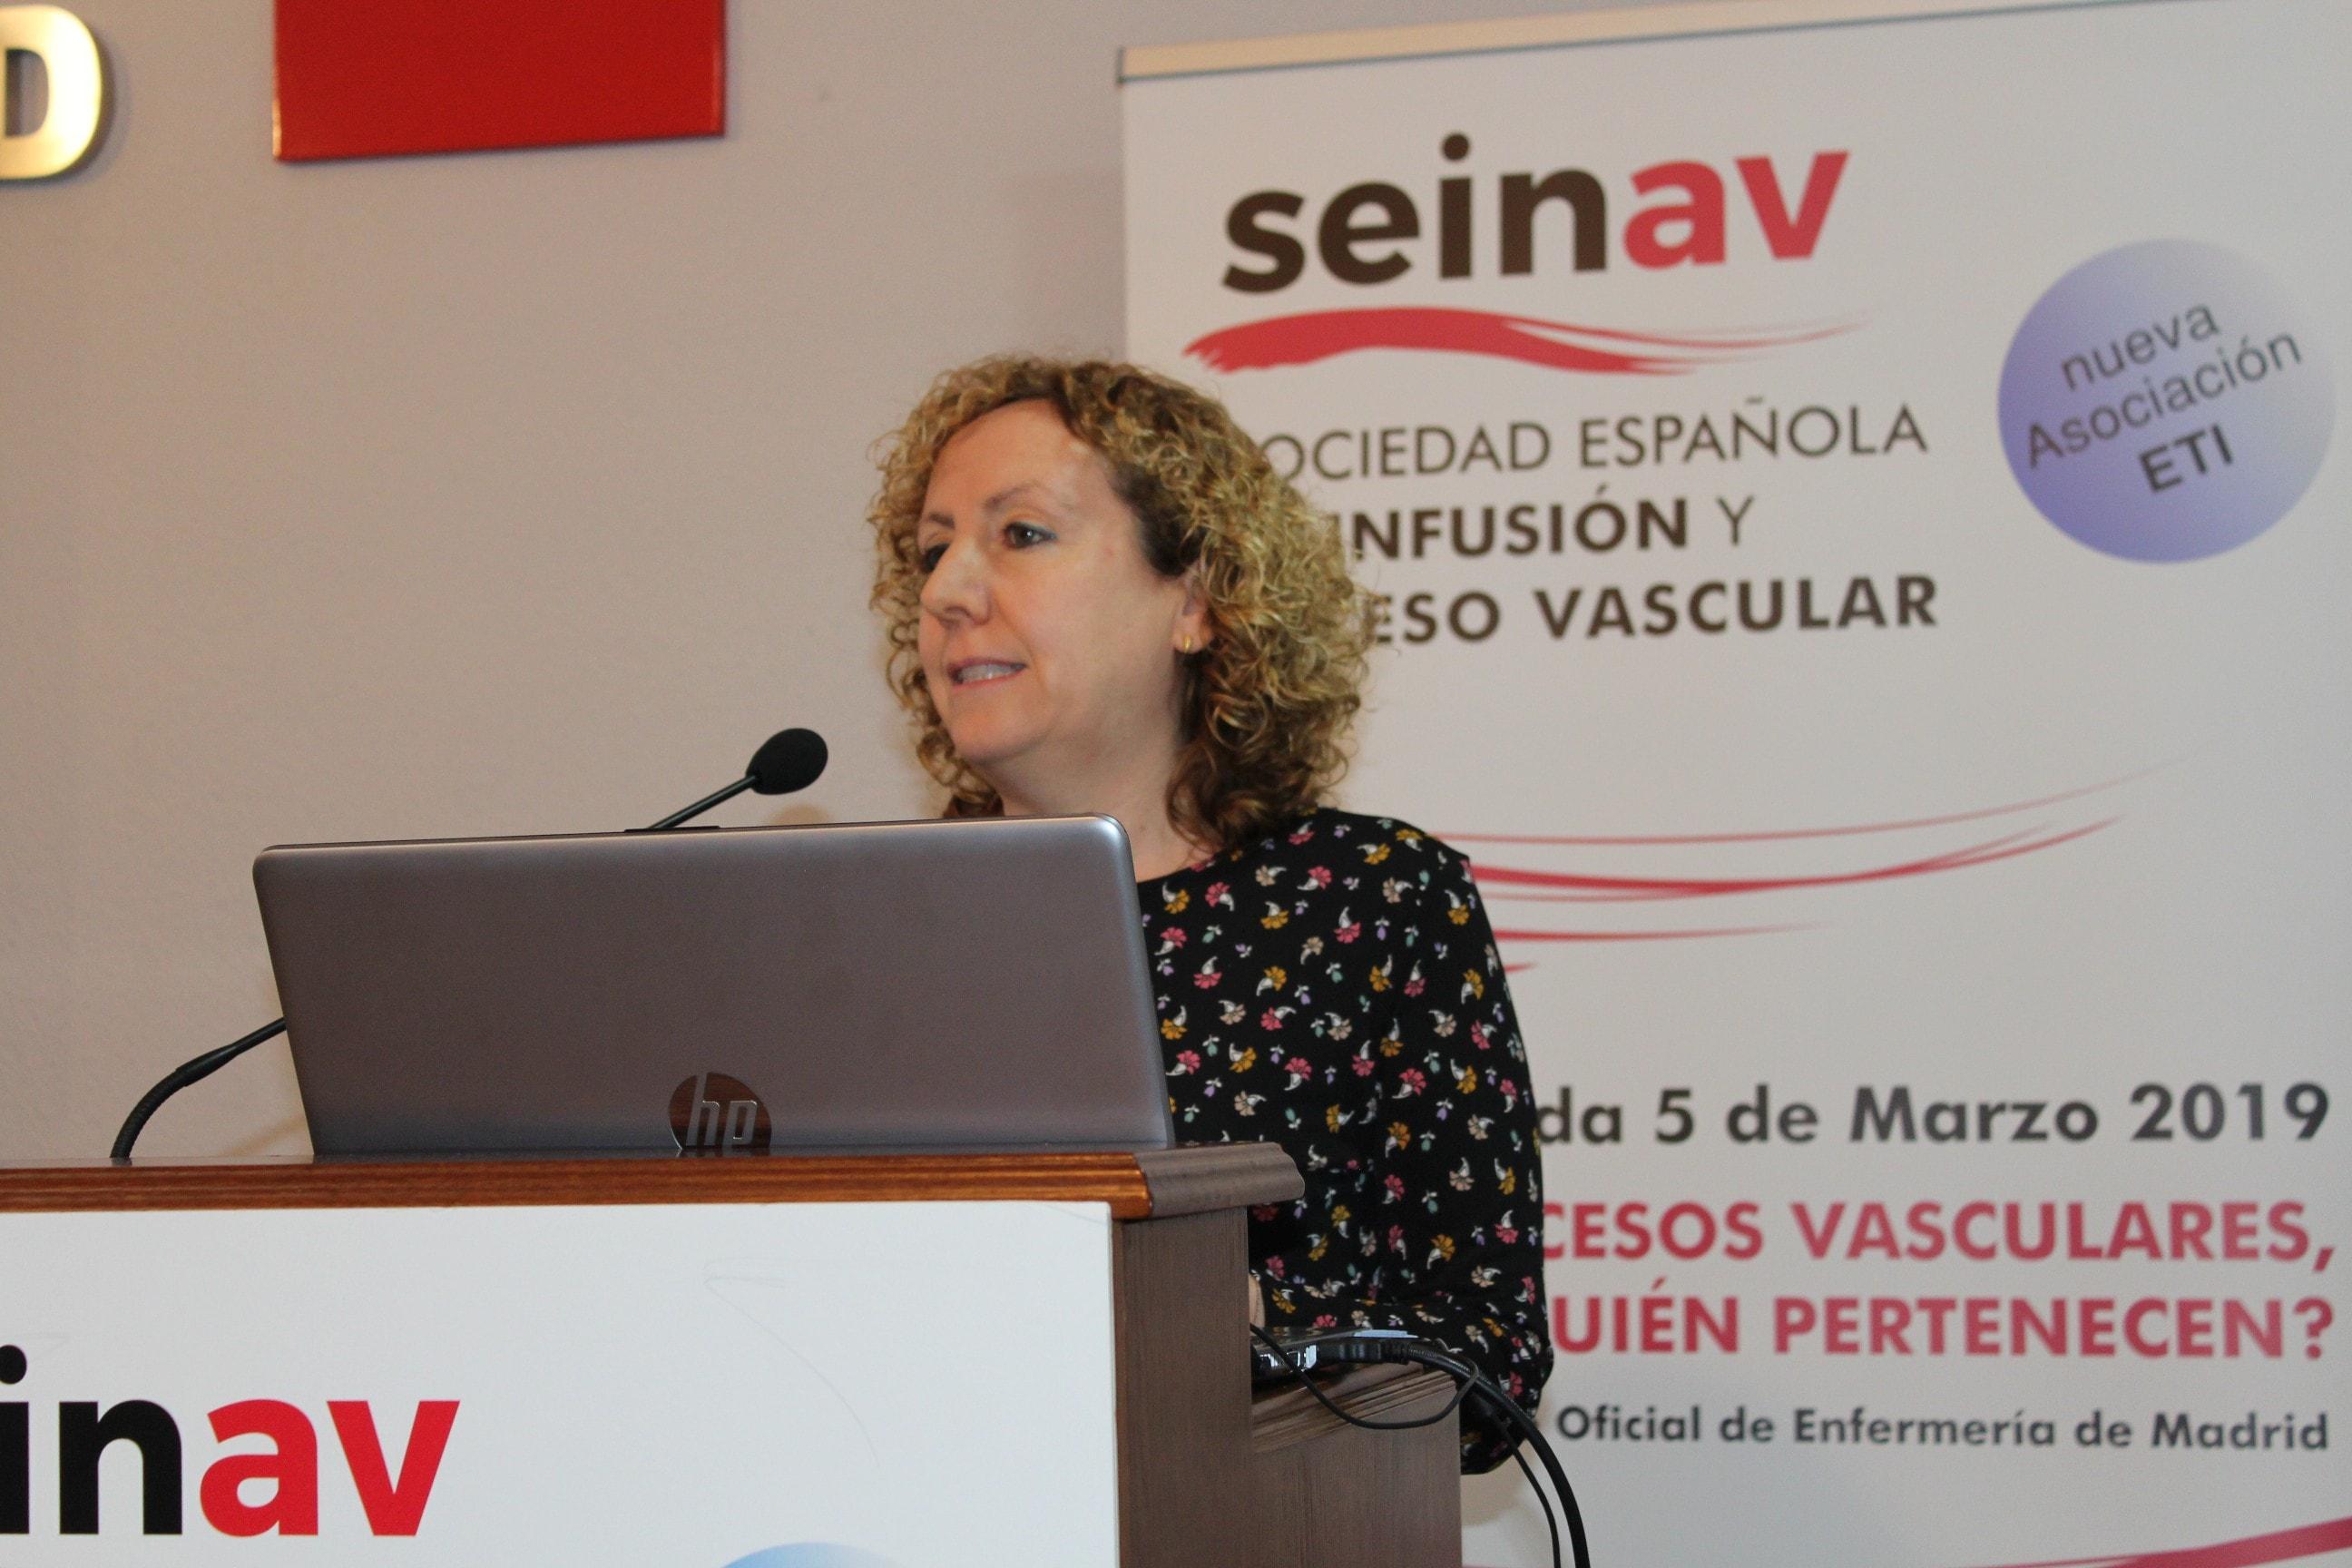 Entrevista a Marian Cubero, presidenta de Sociedad Española de Infusión y Acceso Vascular